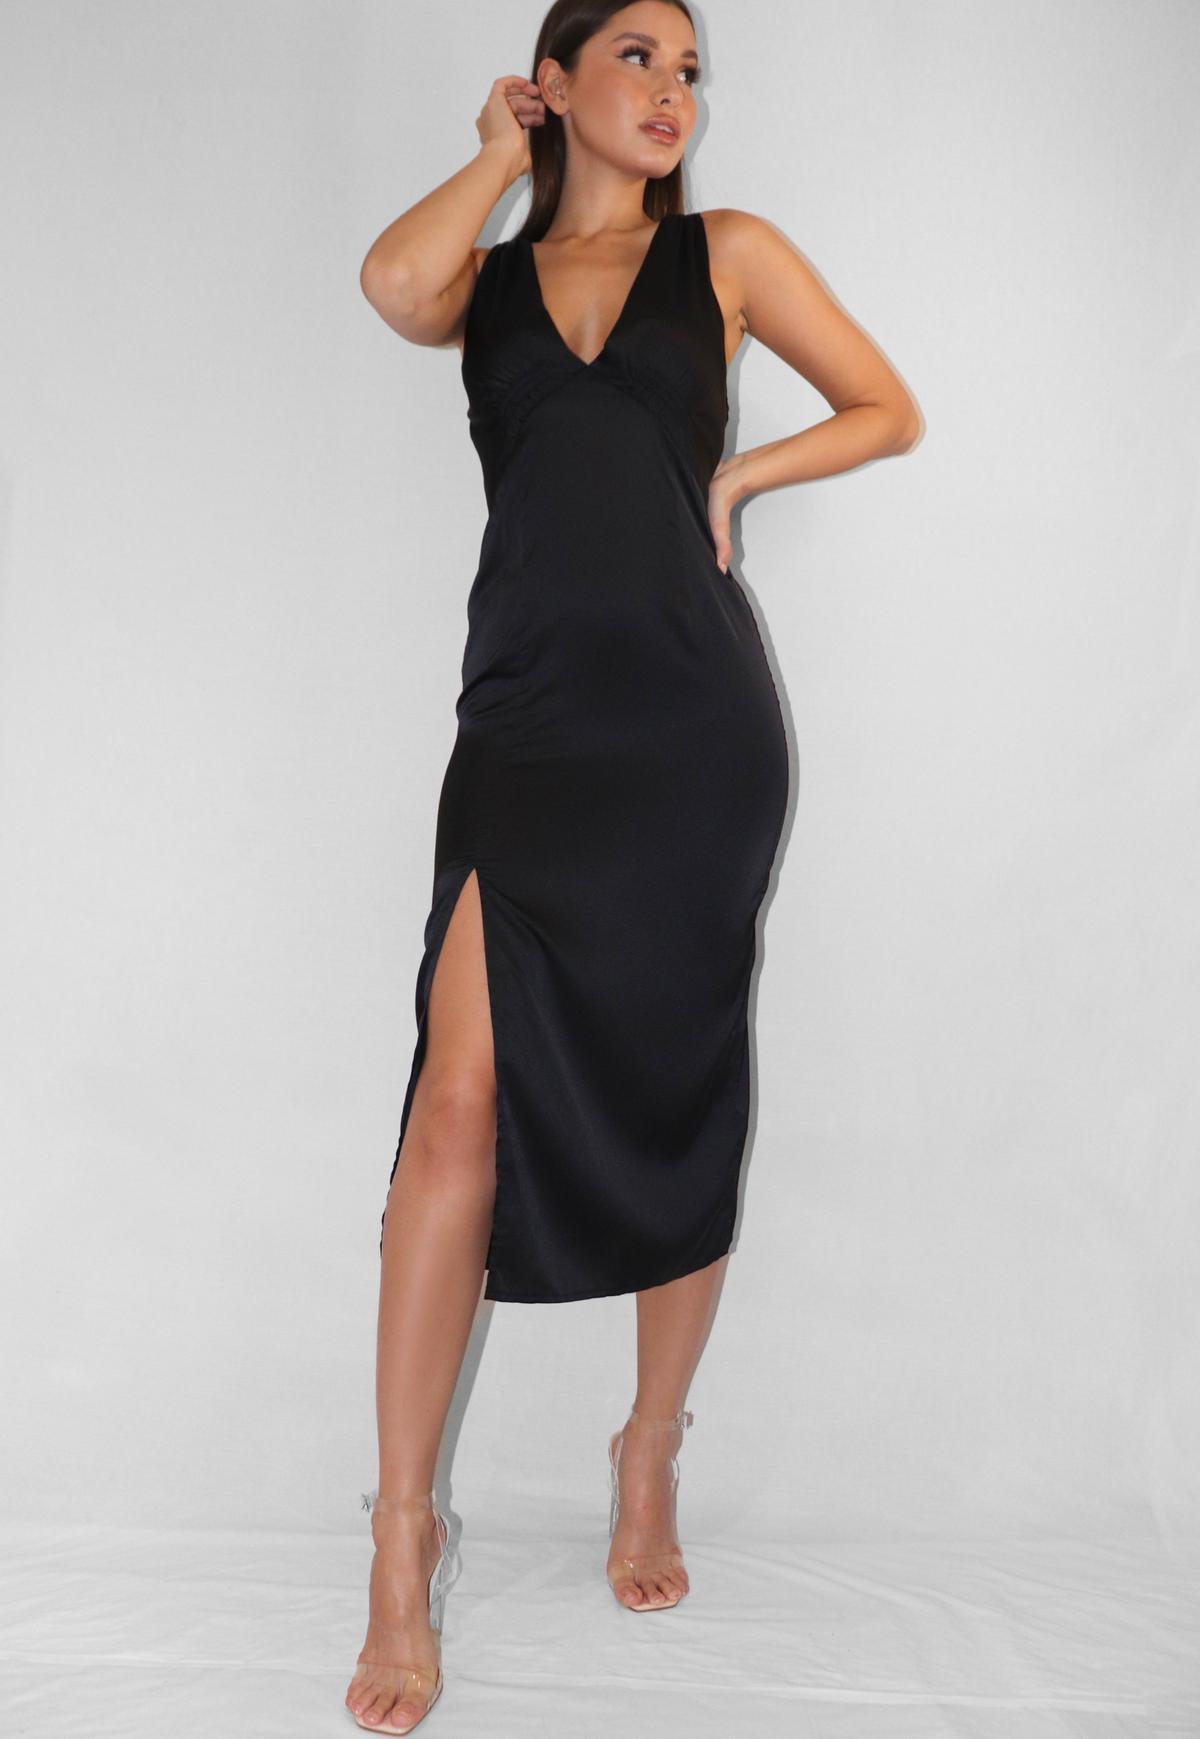 midaxi-kleid aus stretch-satin mit tiefem ausschnitt in schwarz